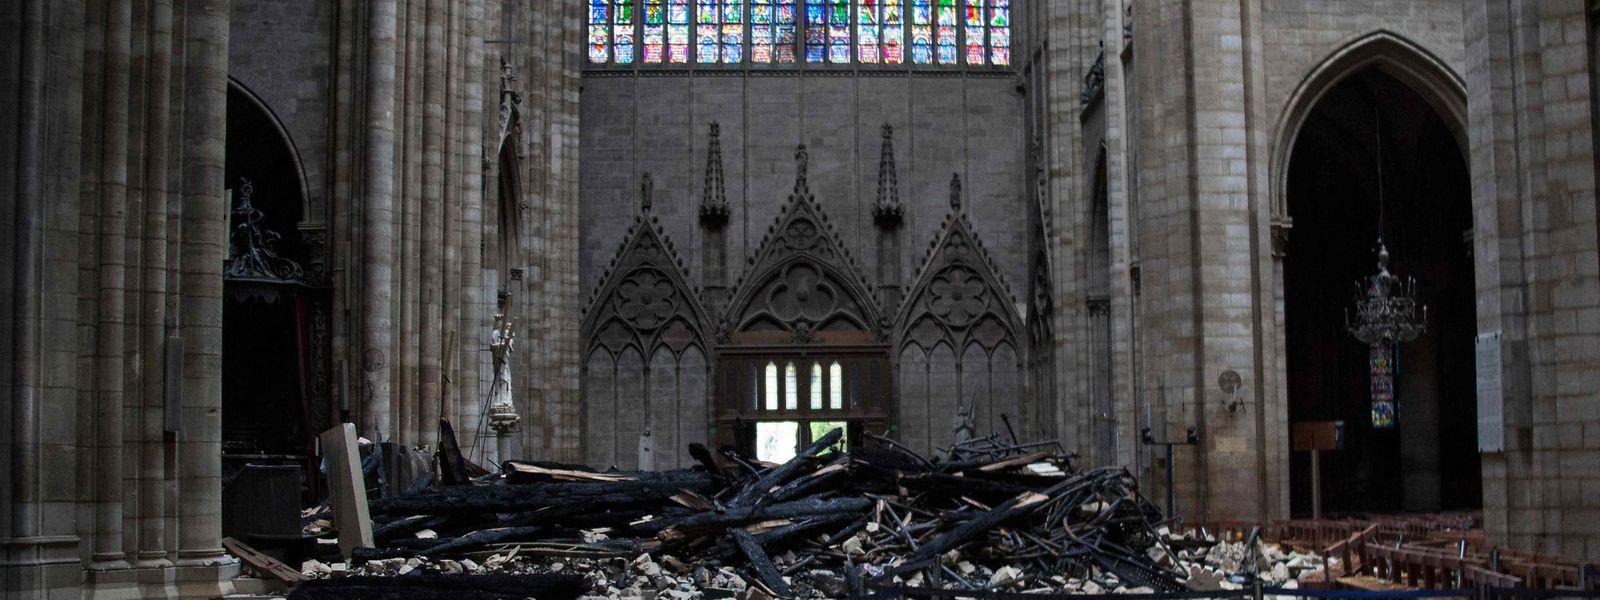 Der Schaden im inneren der Kathedrale ist erheblich, aber die Struktur ist größtenteils stabil geblieben.